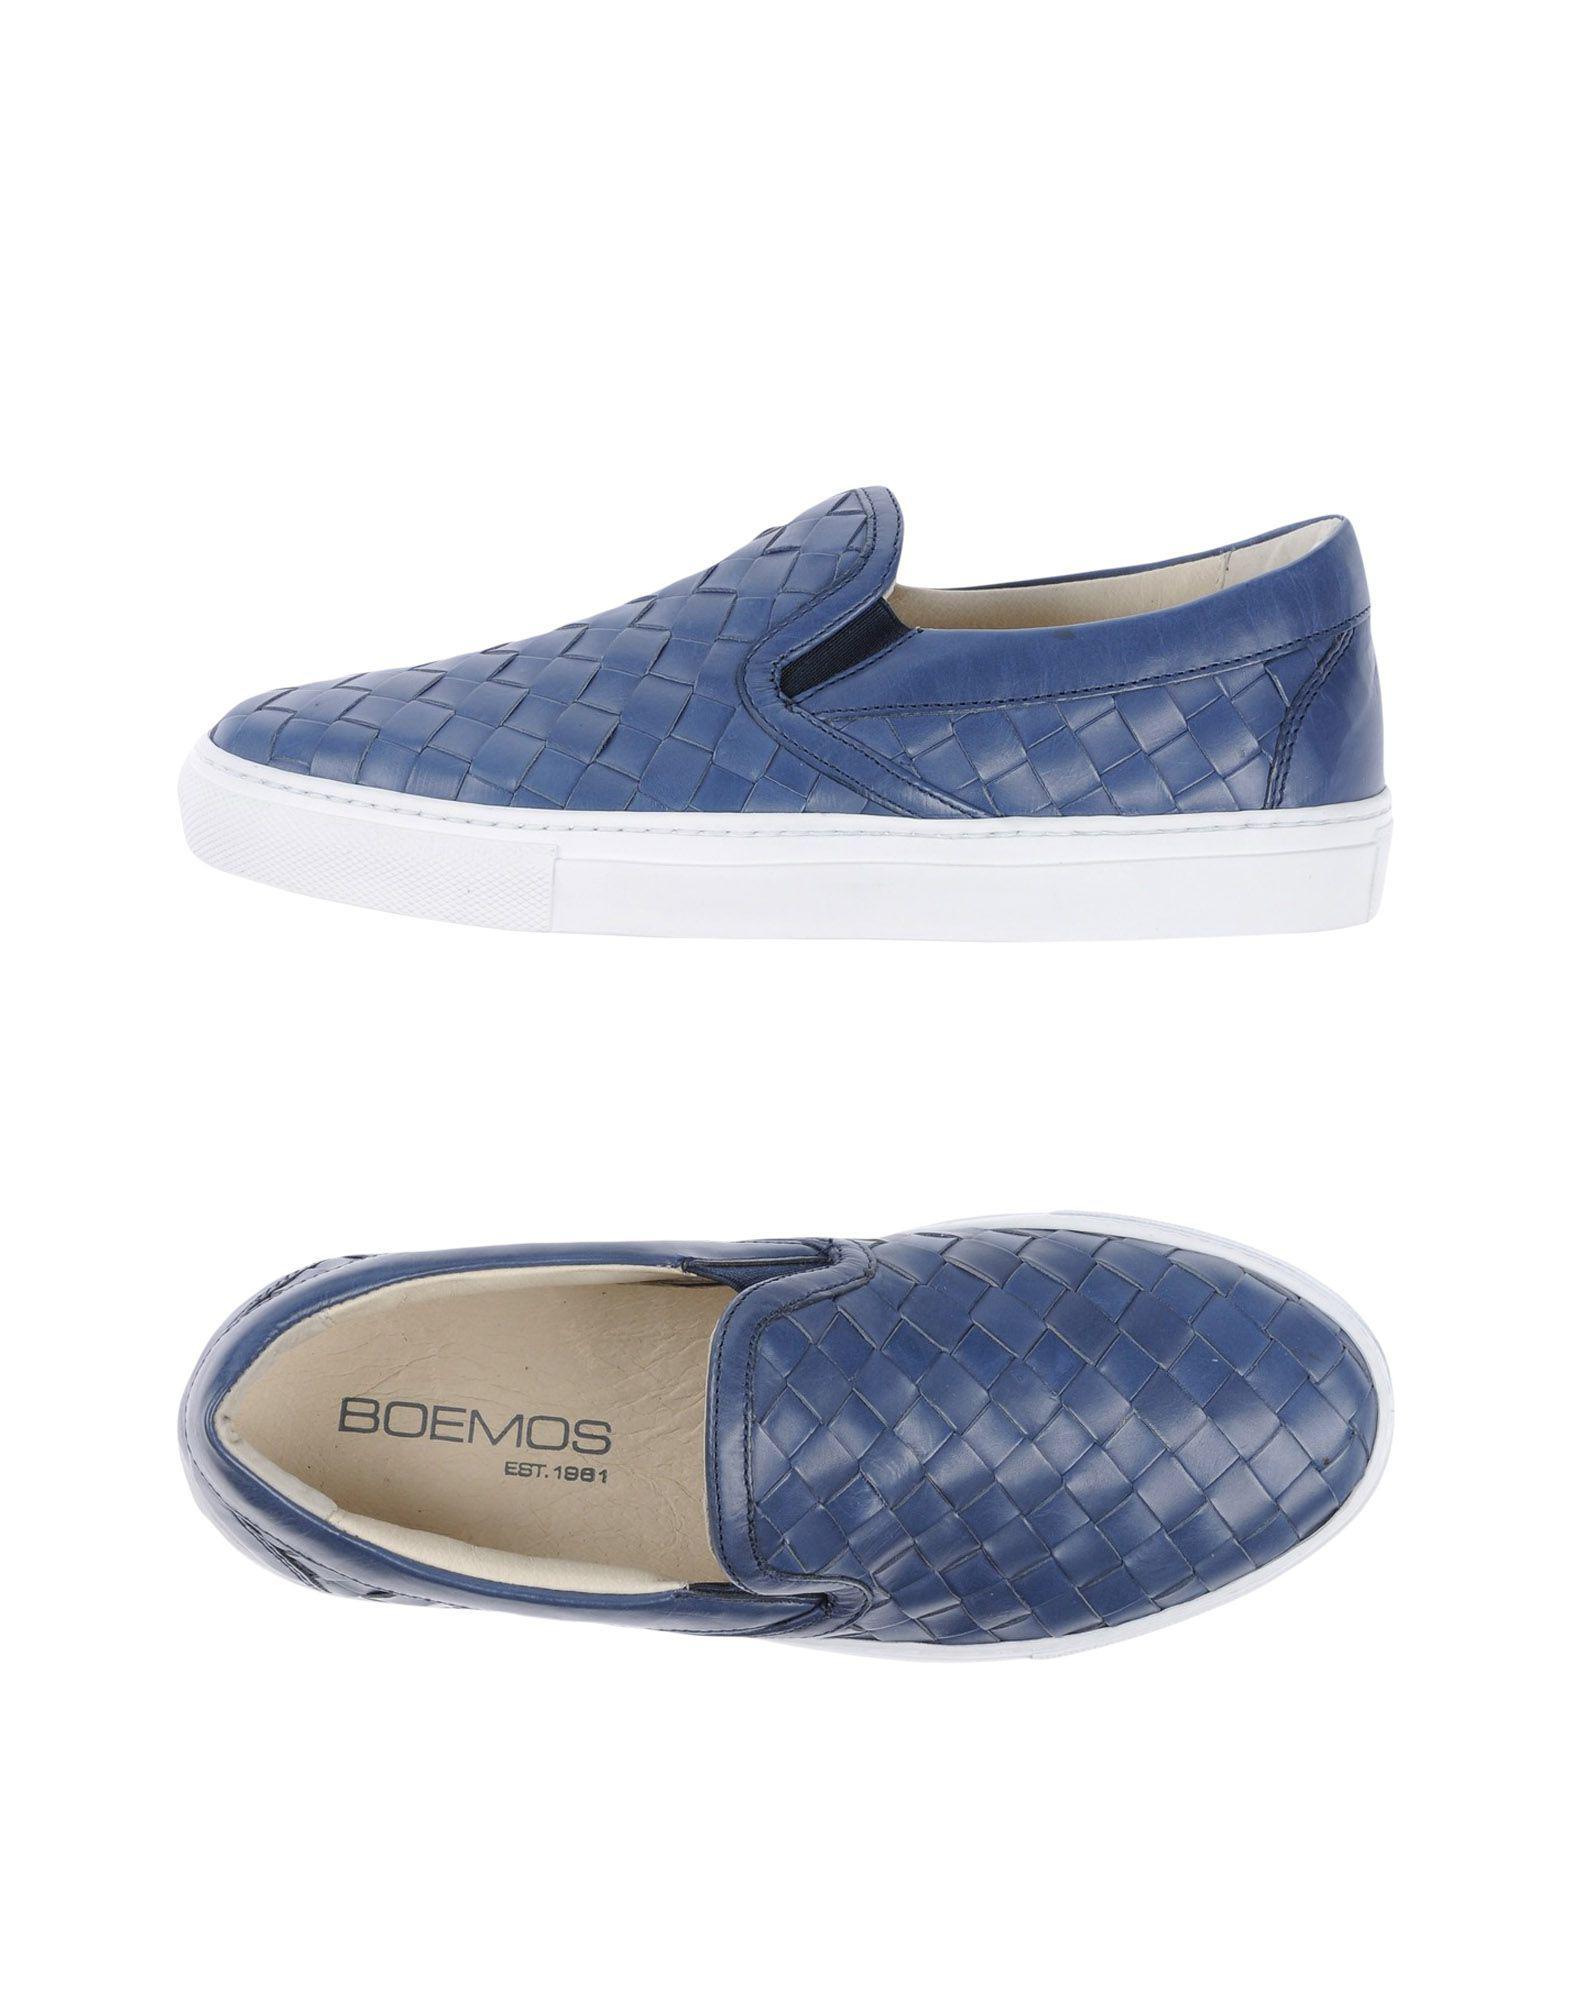 Boemos. Women's Blue Low-tops ...